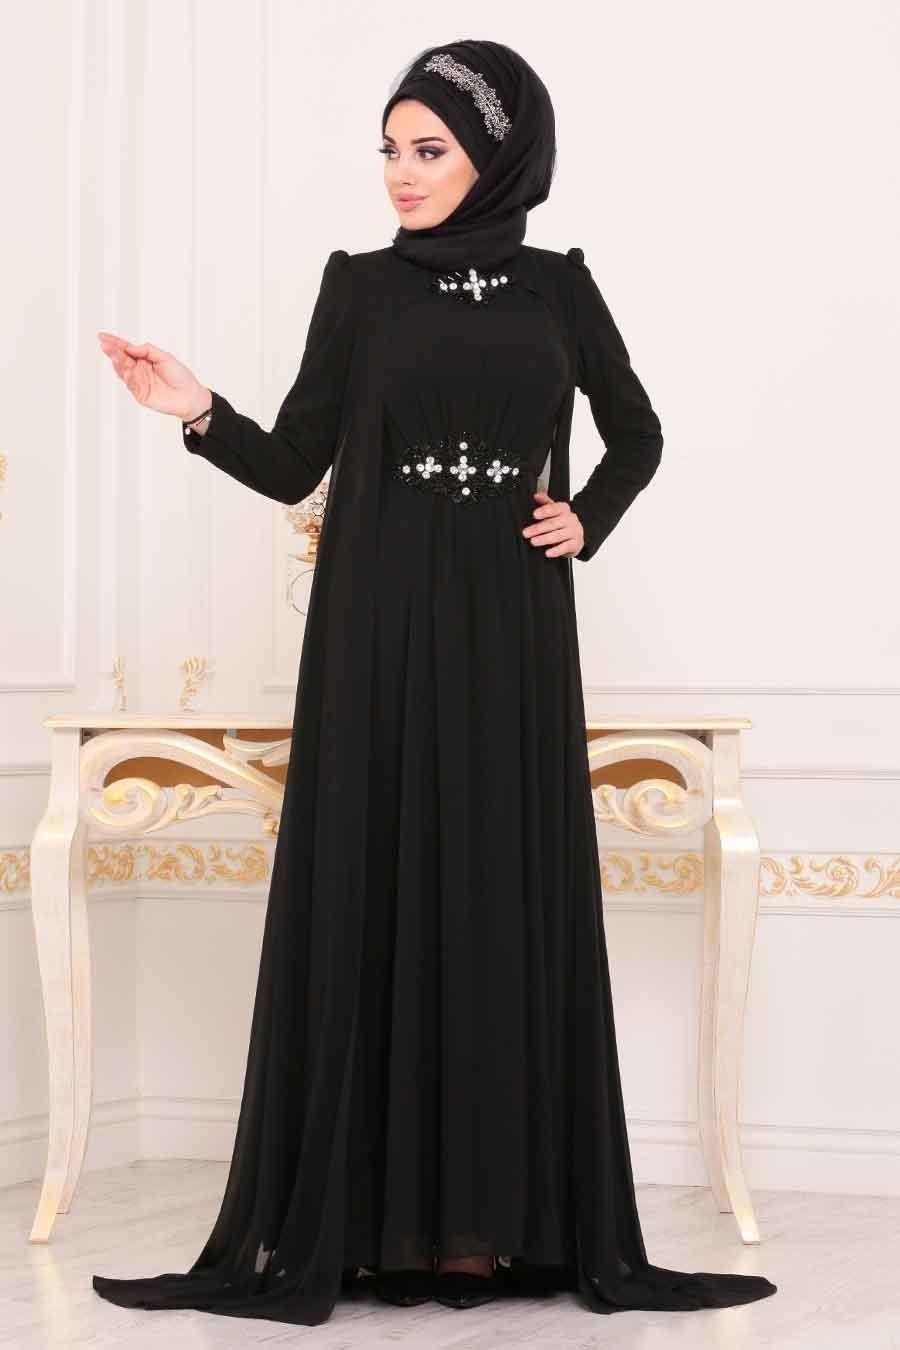 Tesetturlu Abiye Elbiseler Boncuk Detayli Siyah Tesettur Abiye Elbise 3851s Tesetturisland Com Elbiseler Mankenler Ve Moda Stilleri